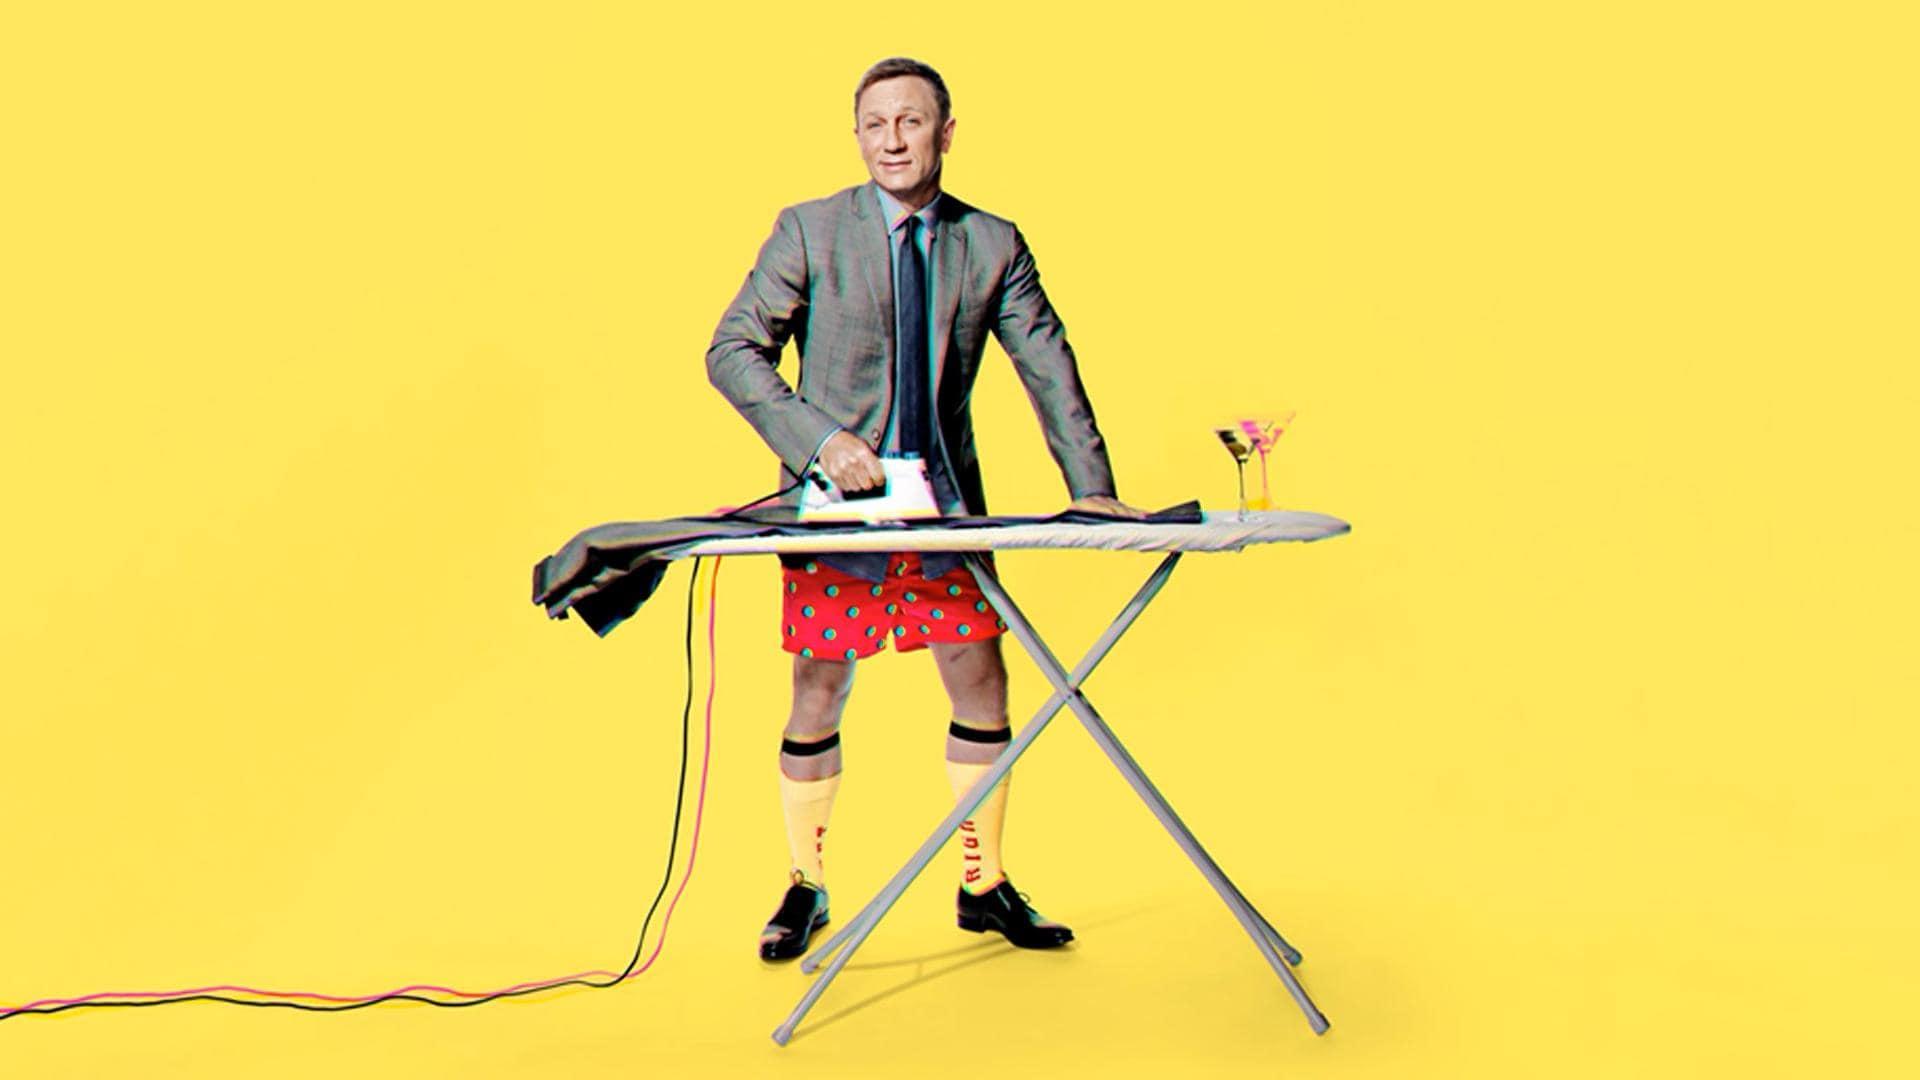 Daniel Craig: October 6, 2012